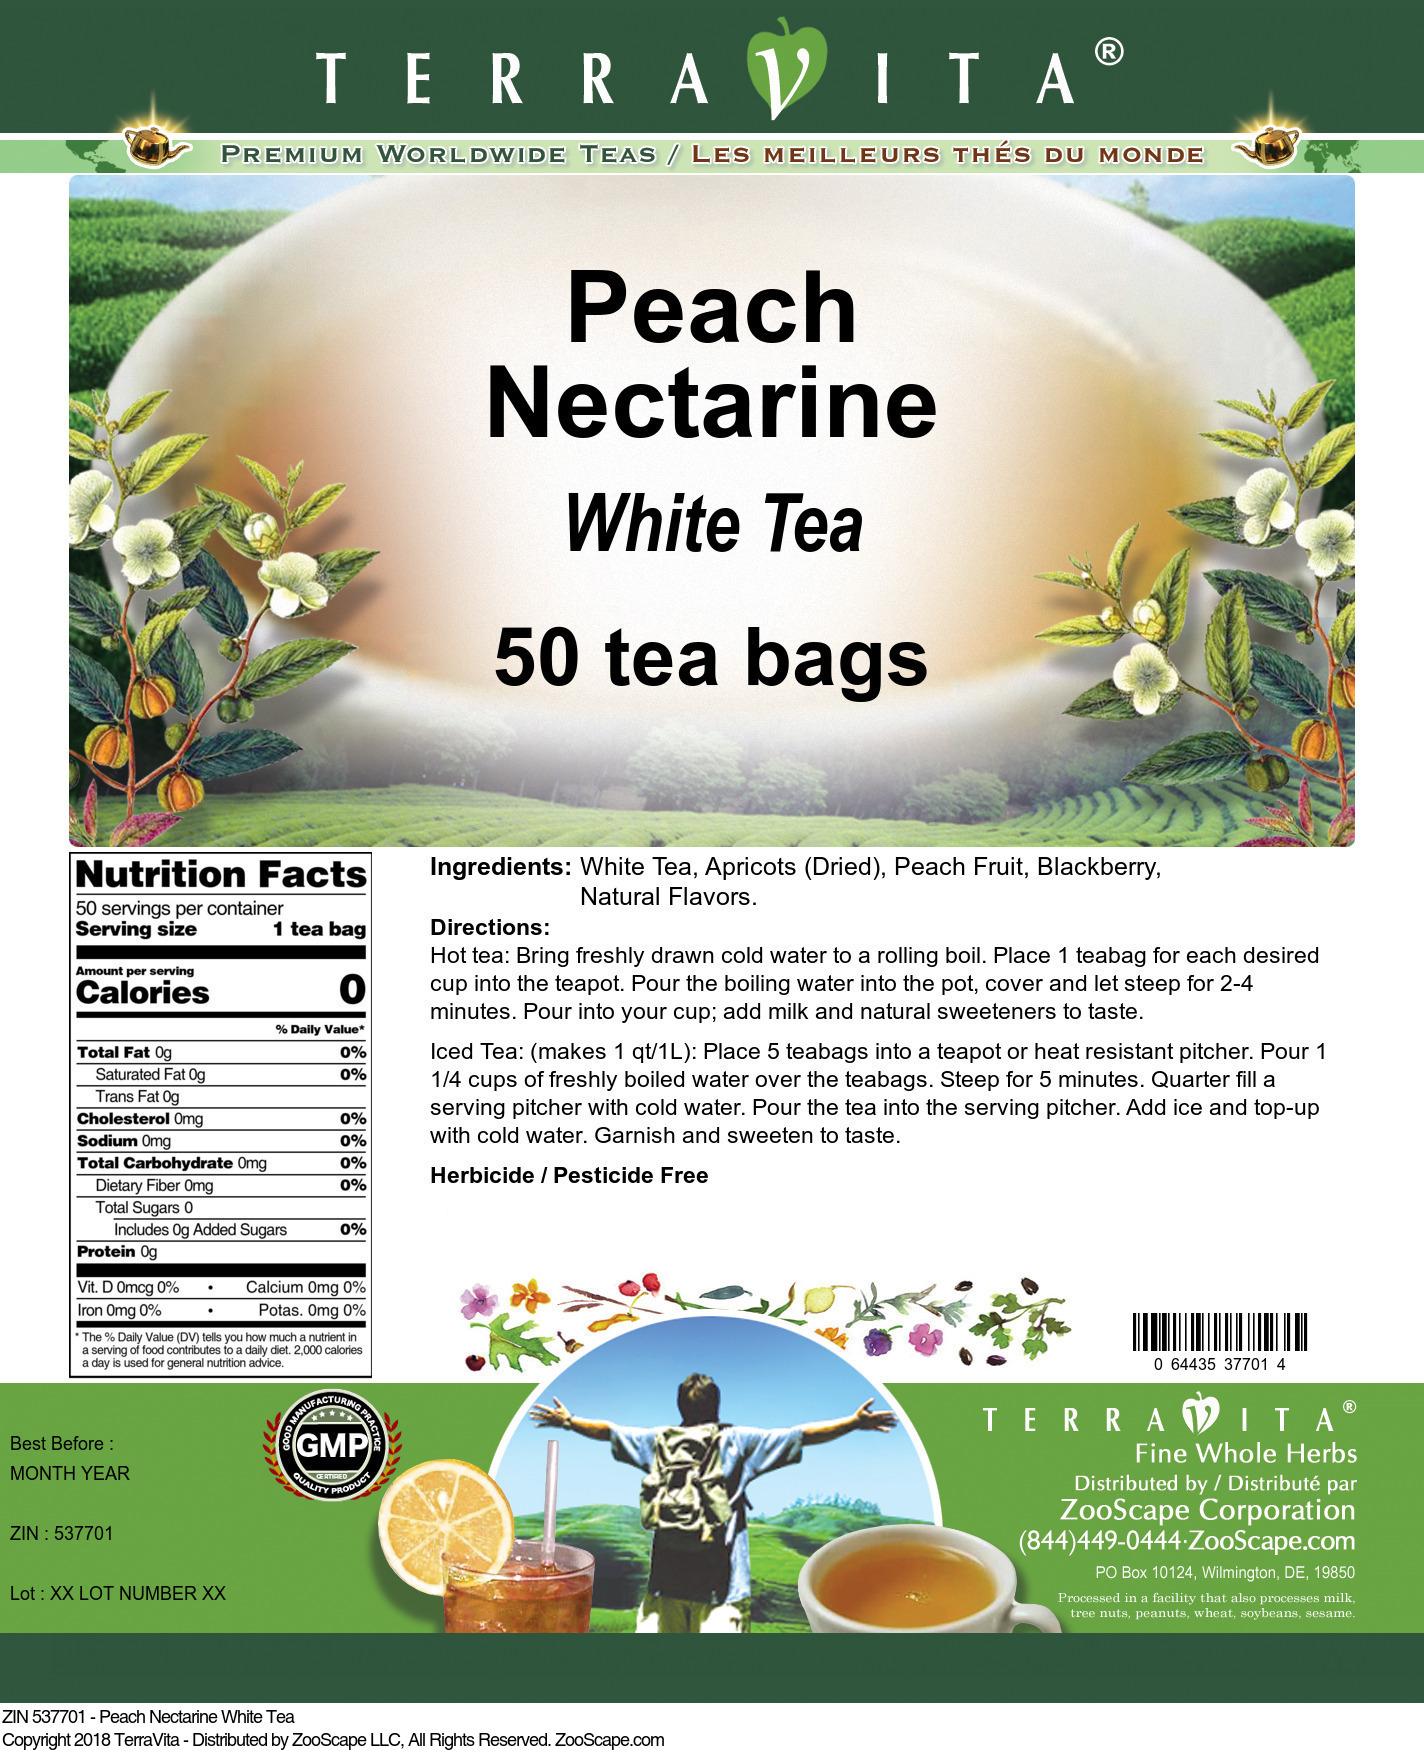 Peach Nectarine White Tea